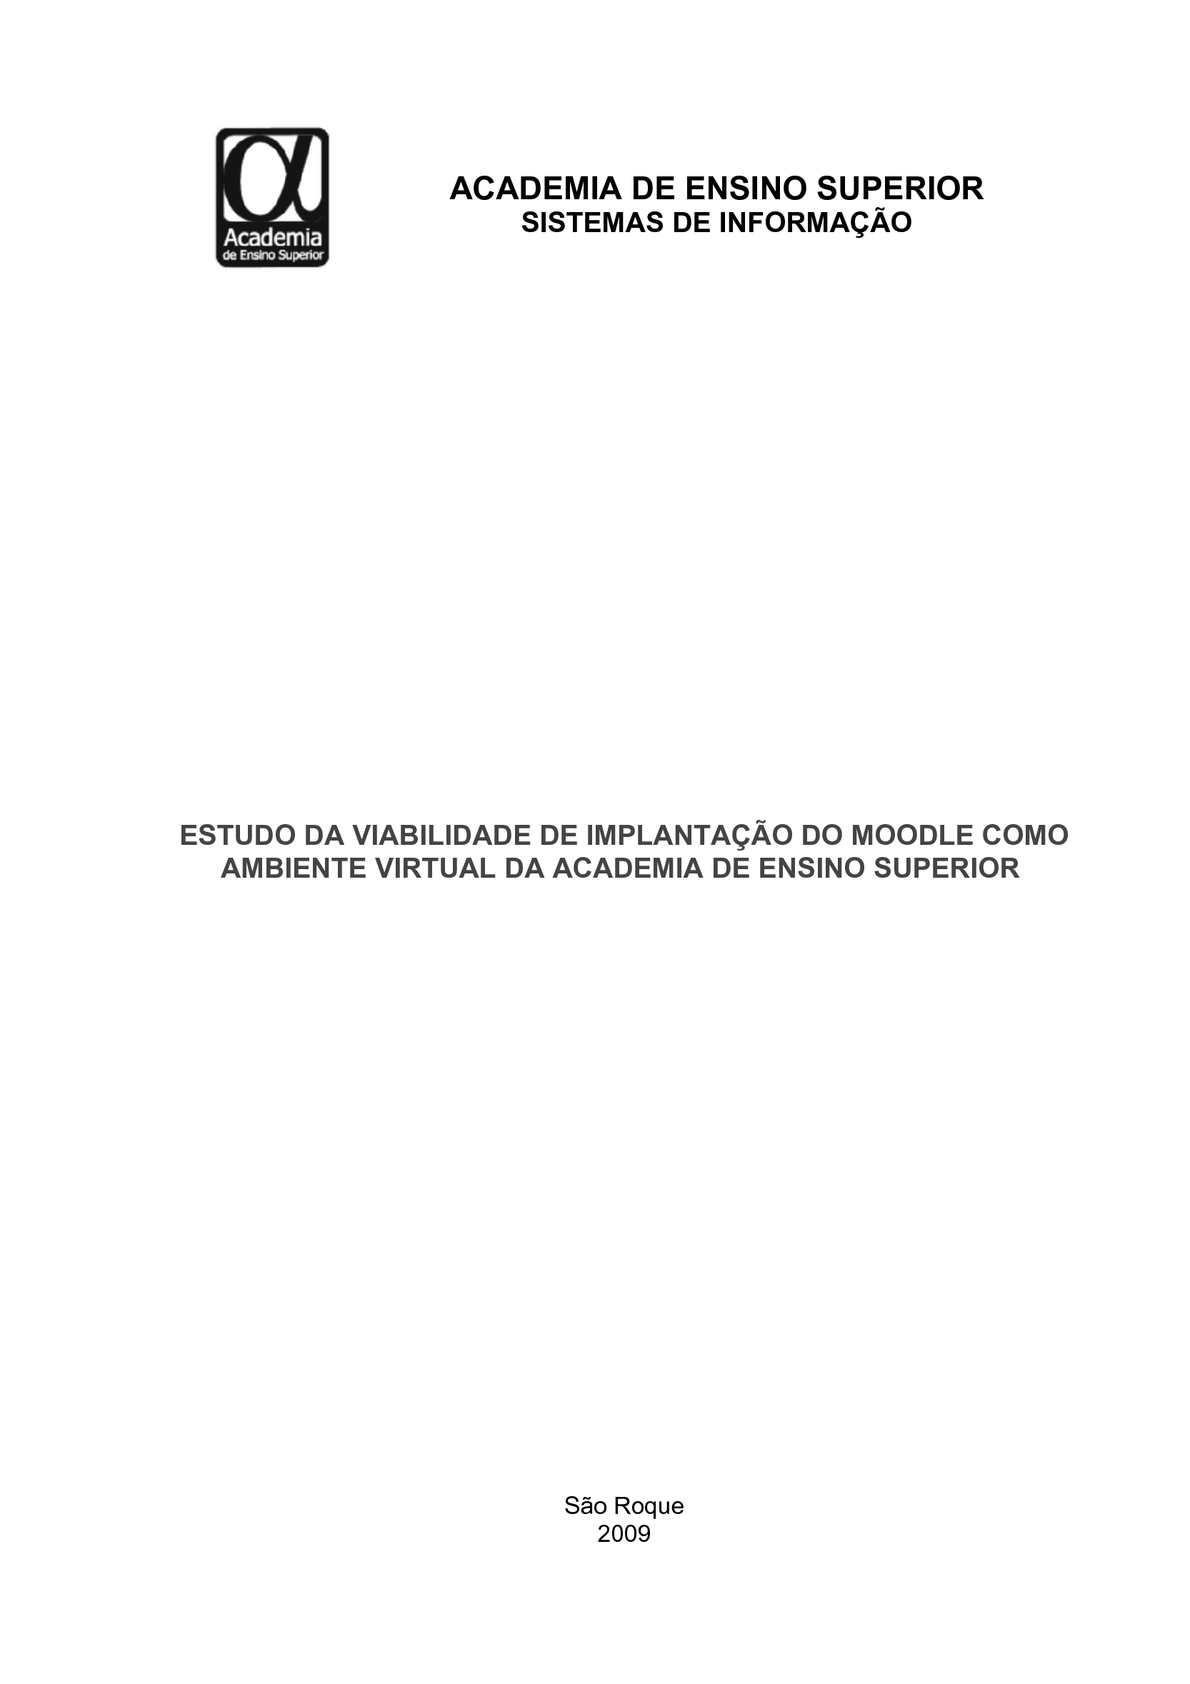 ESTUDO DA VIABILIDADE DE IMPLANTAÇÃO DO MOODLE COMO AMBIENTE VIRTUAL DA ACADEMIA DE ENSINO SUPERIOR